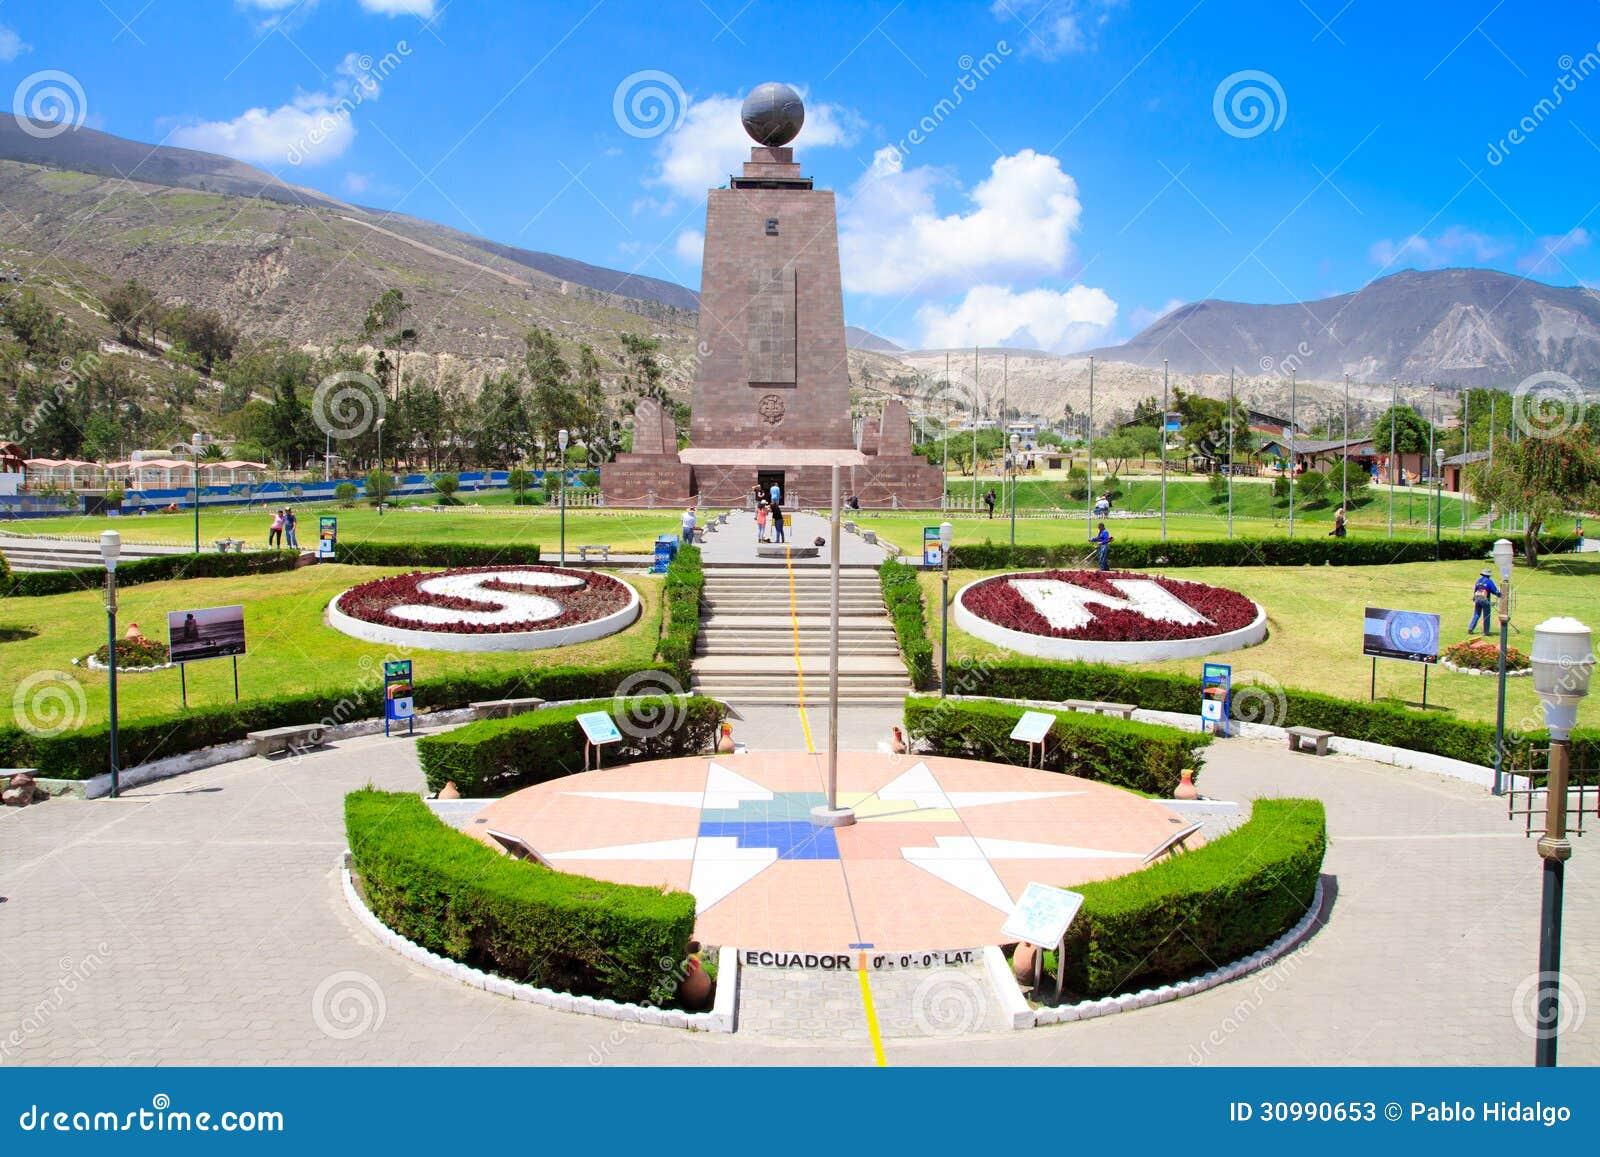 Equador Touring